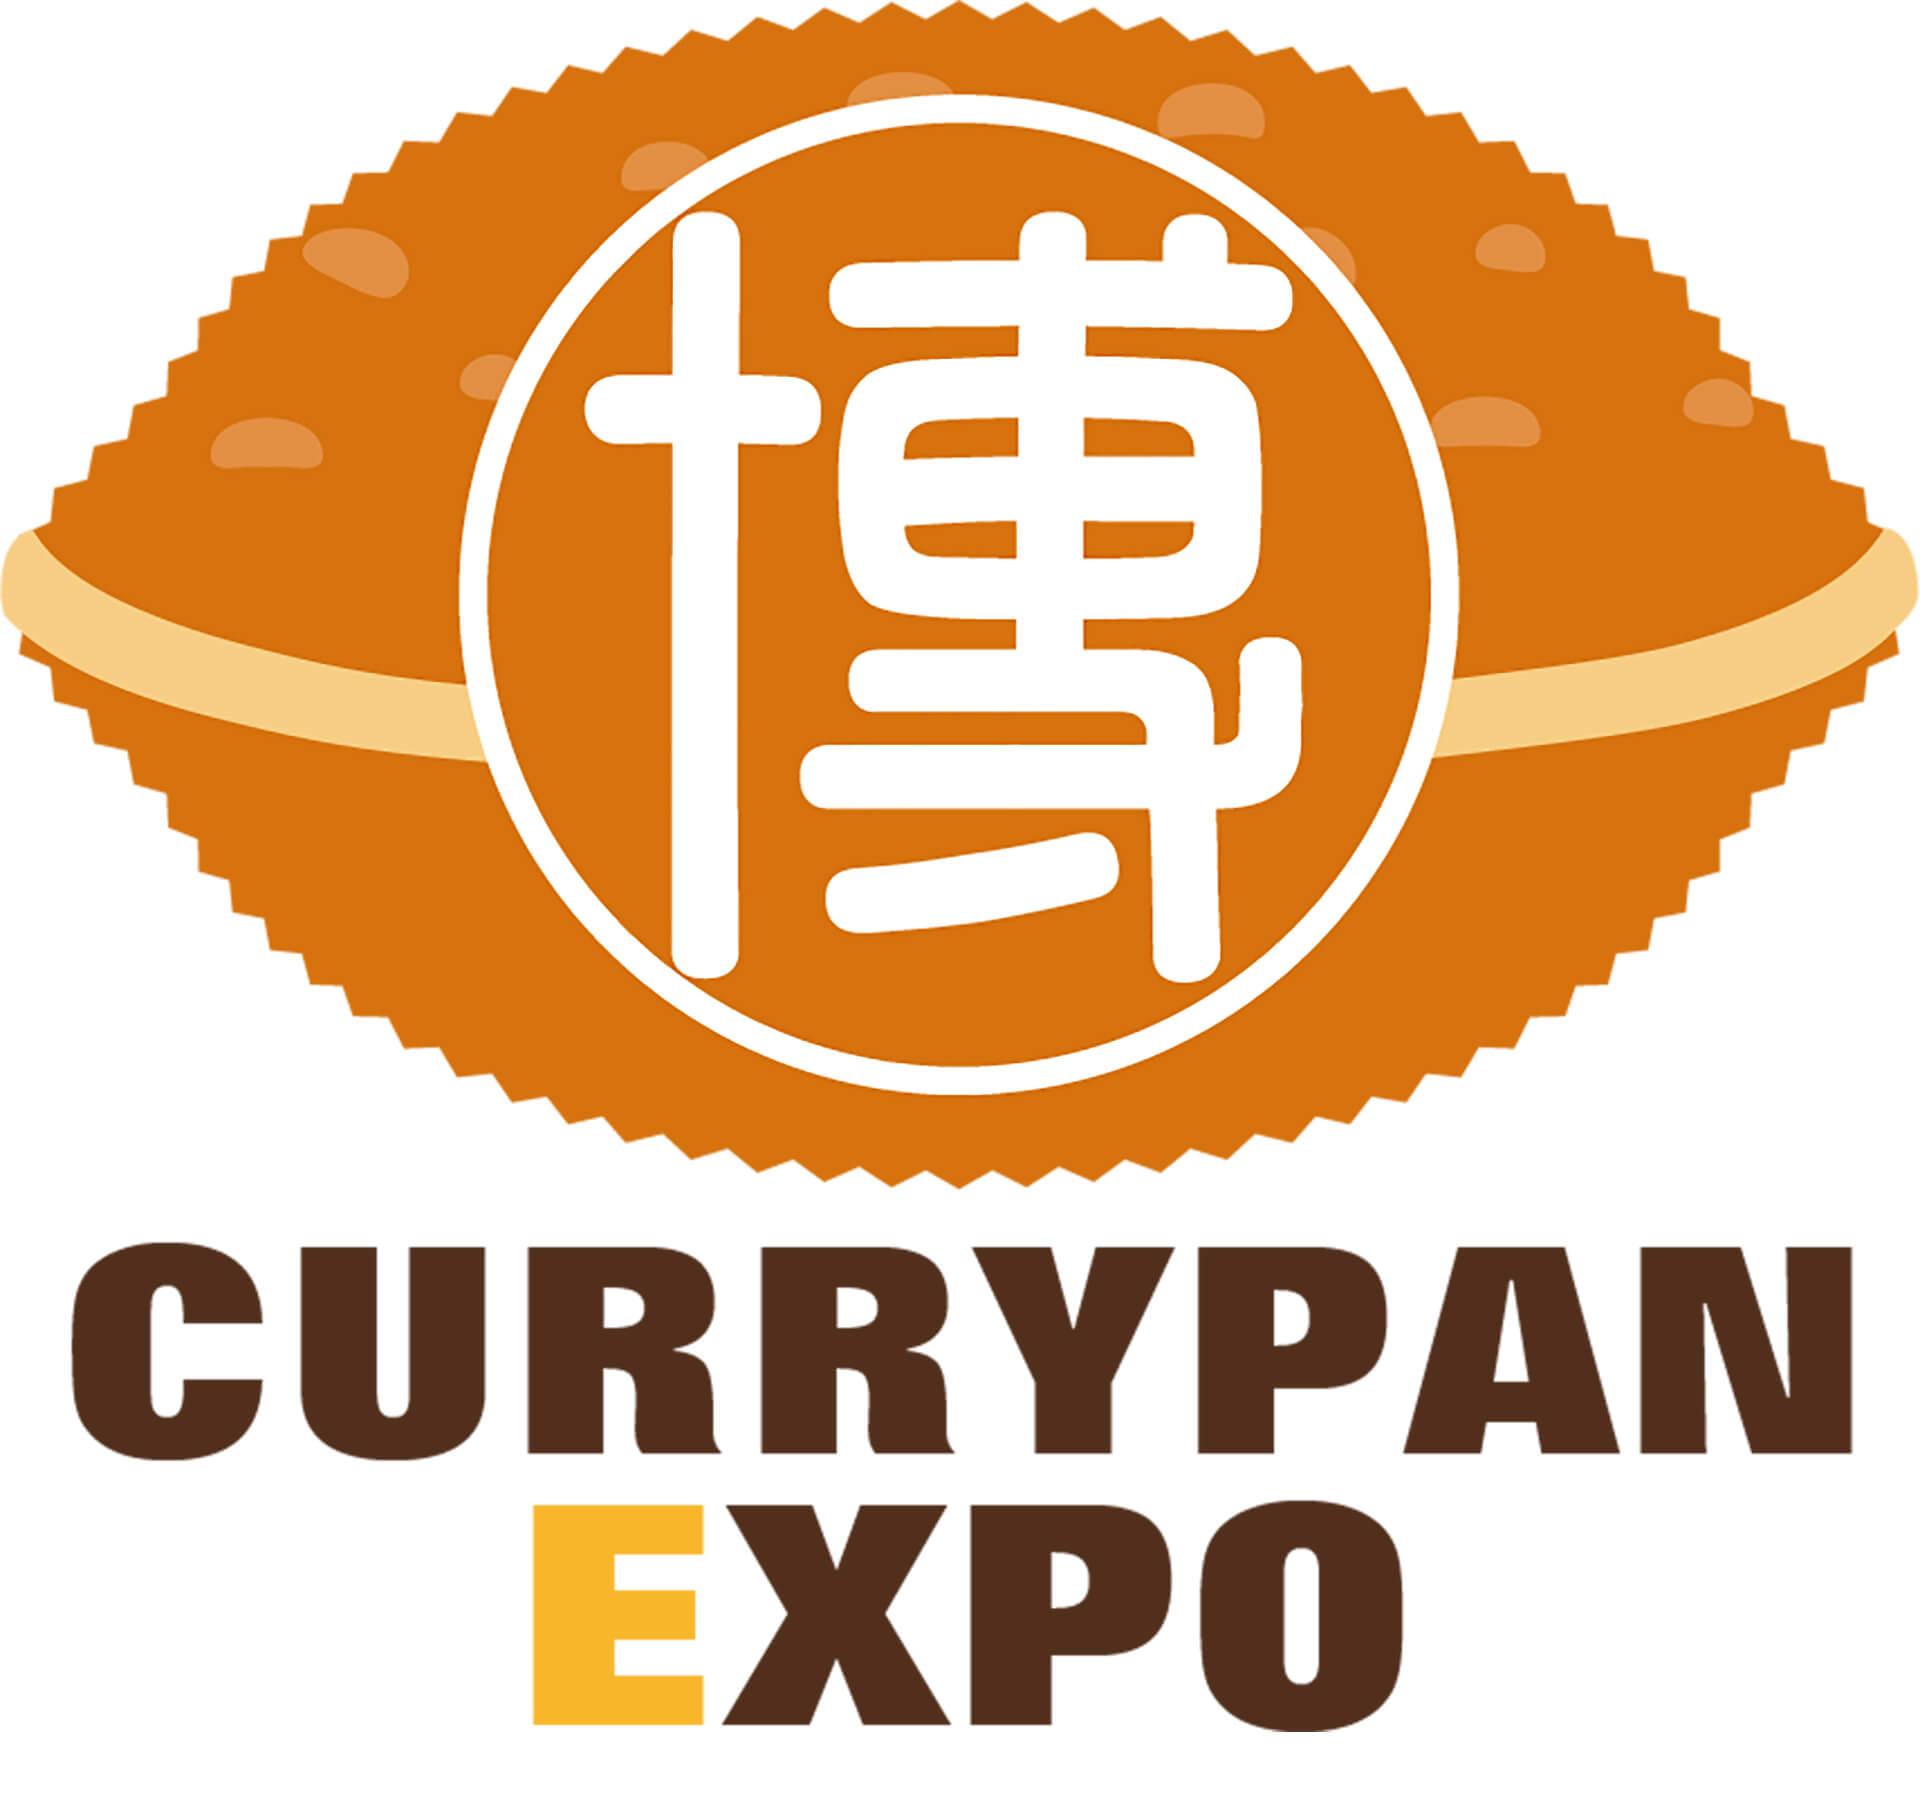 カレーパン博覧会ロゴ